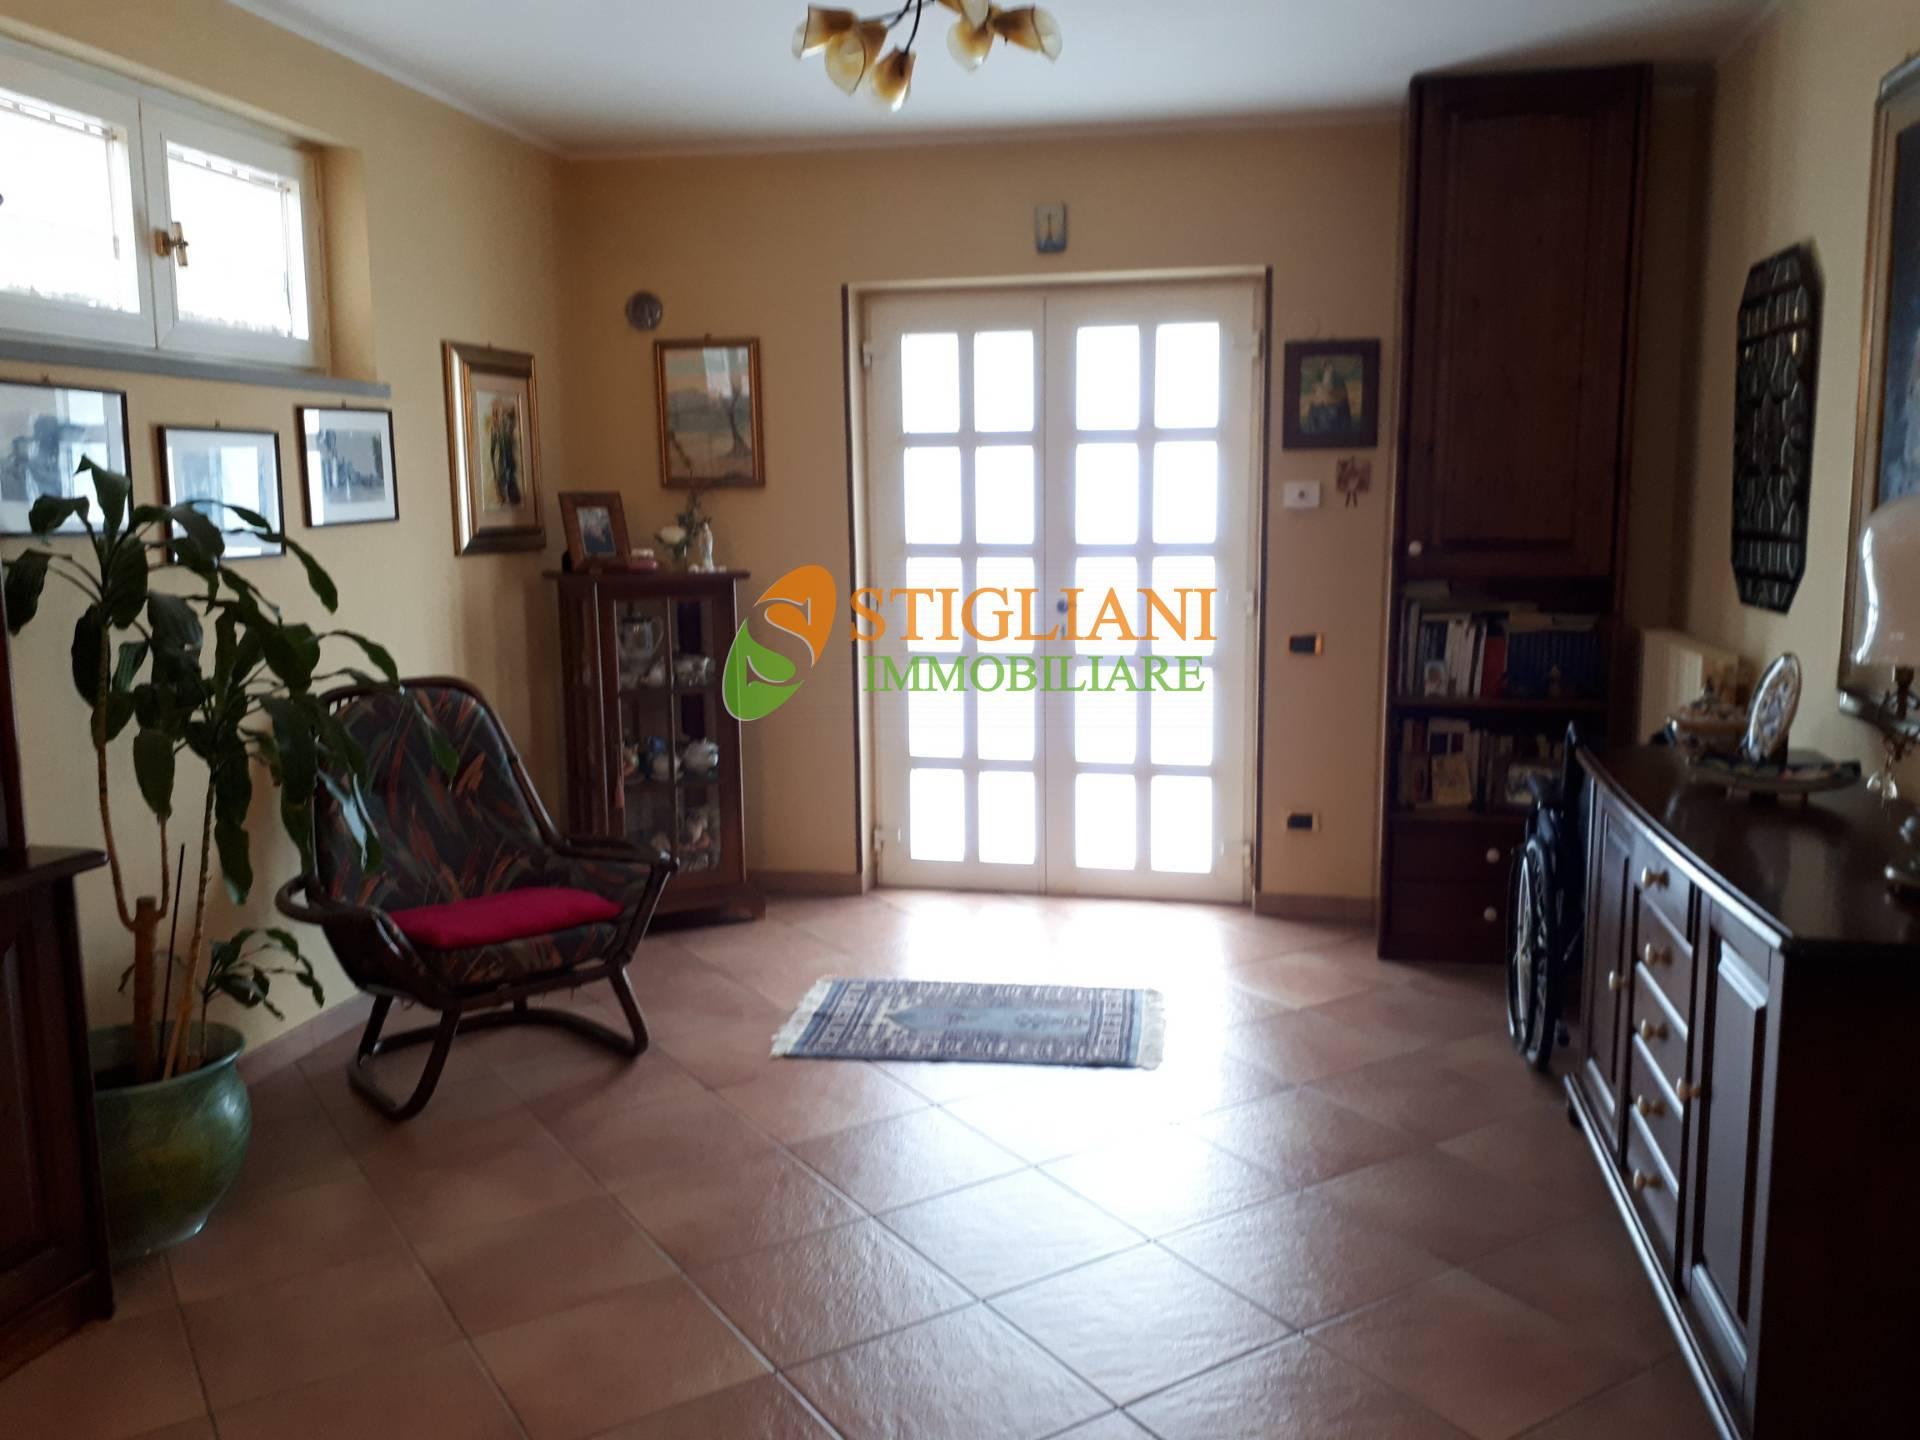 Villa Bifamiliare in vendita a Ferrazzano, 7 locali, zona Località: ContradaVazzieri, Trattative riservate | CambioCasa.it